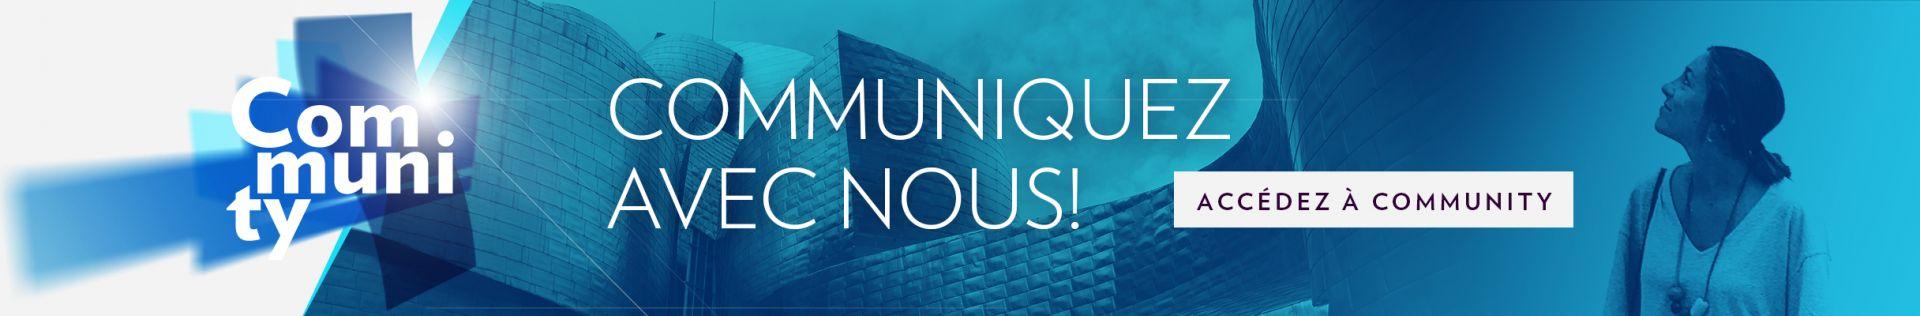 community azul FR 2432x400